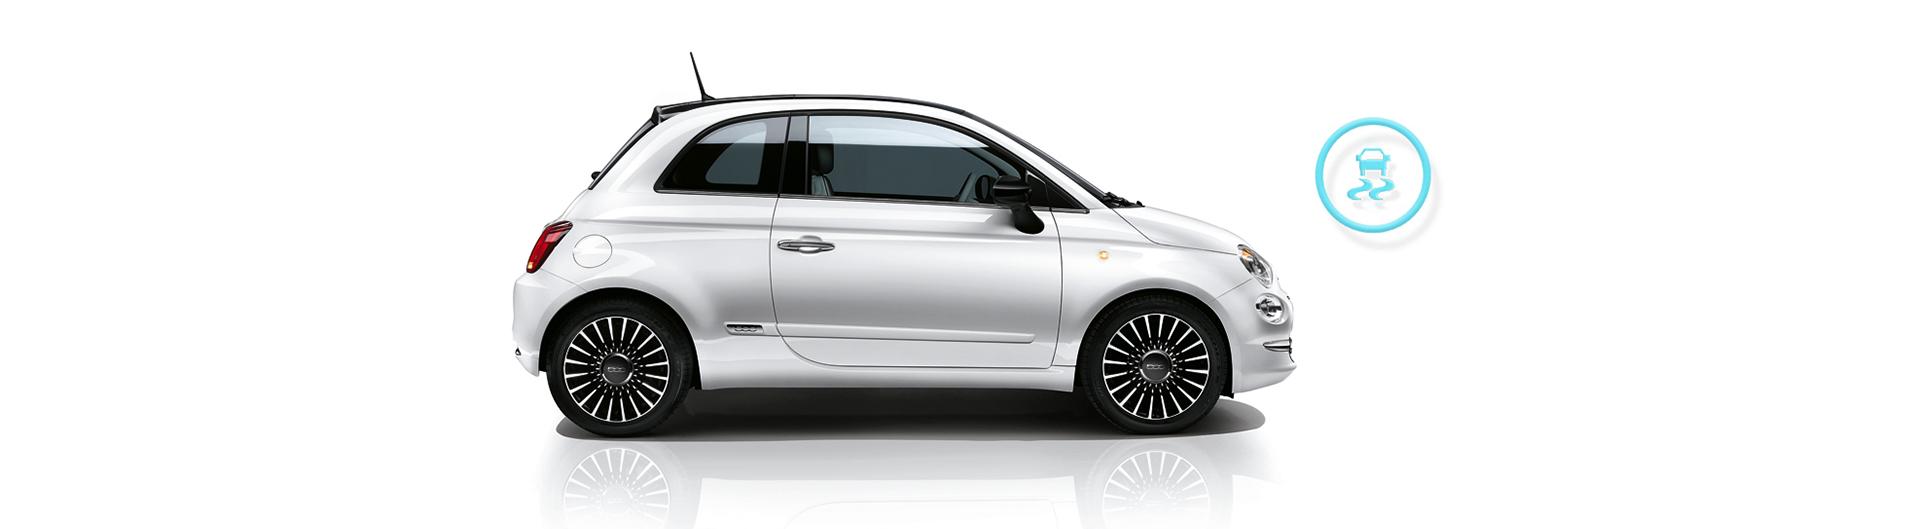 Fiat 500 ESC safety